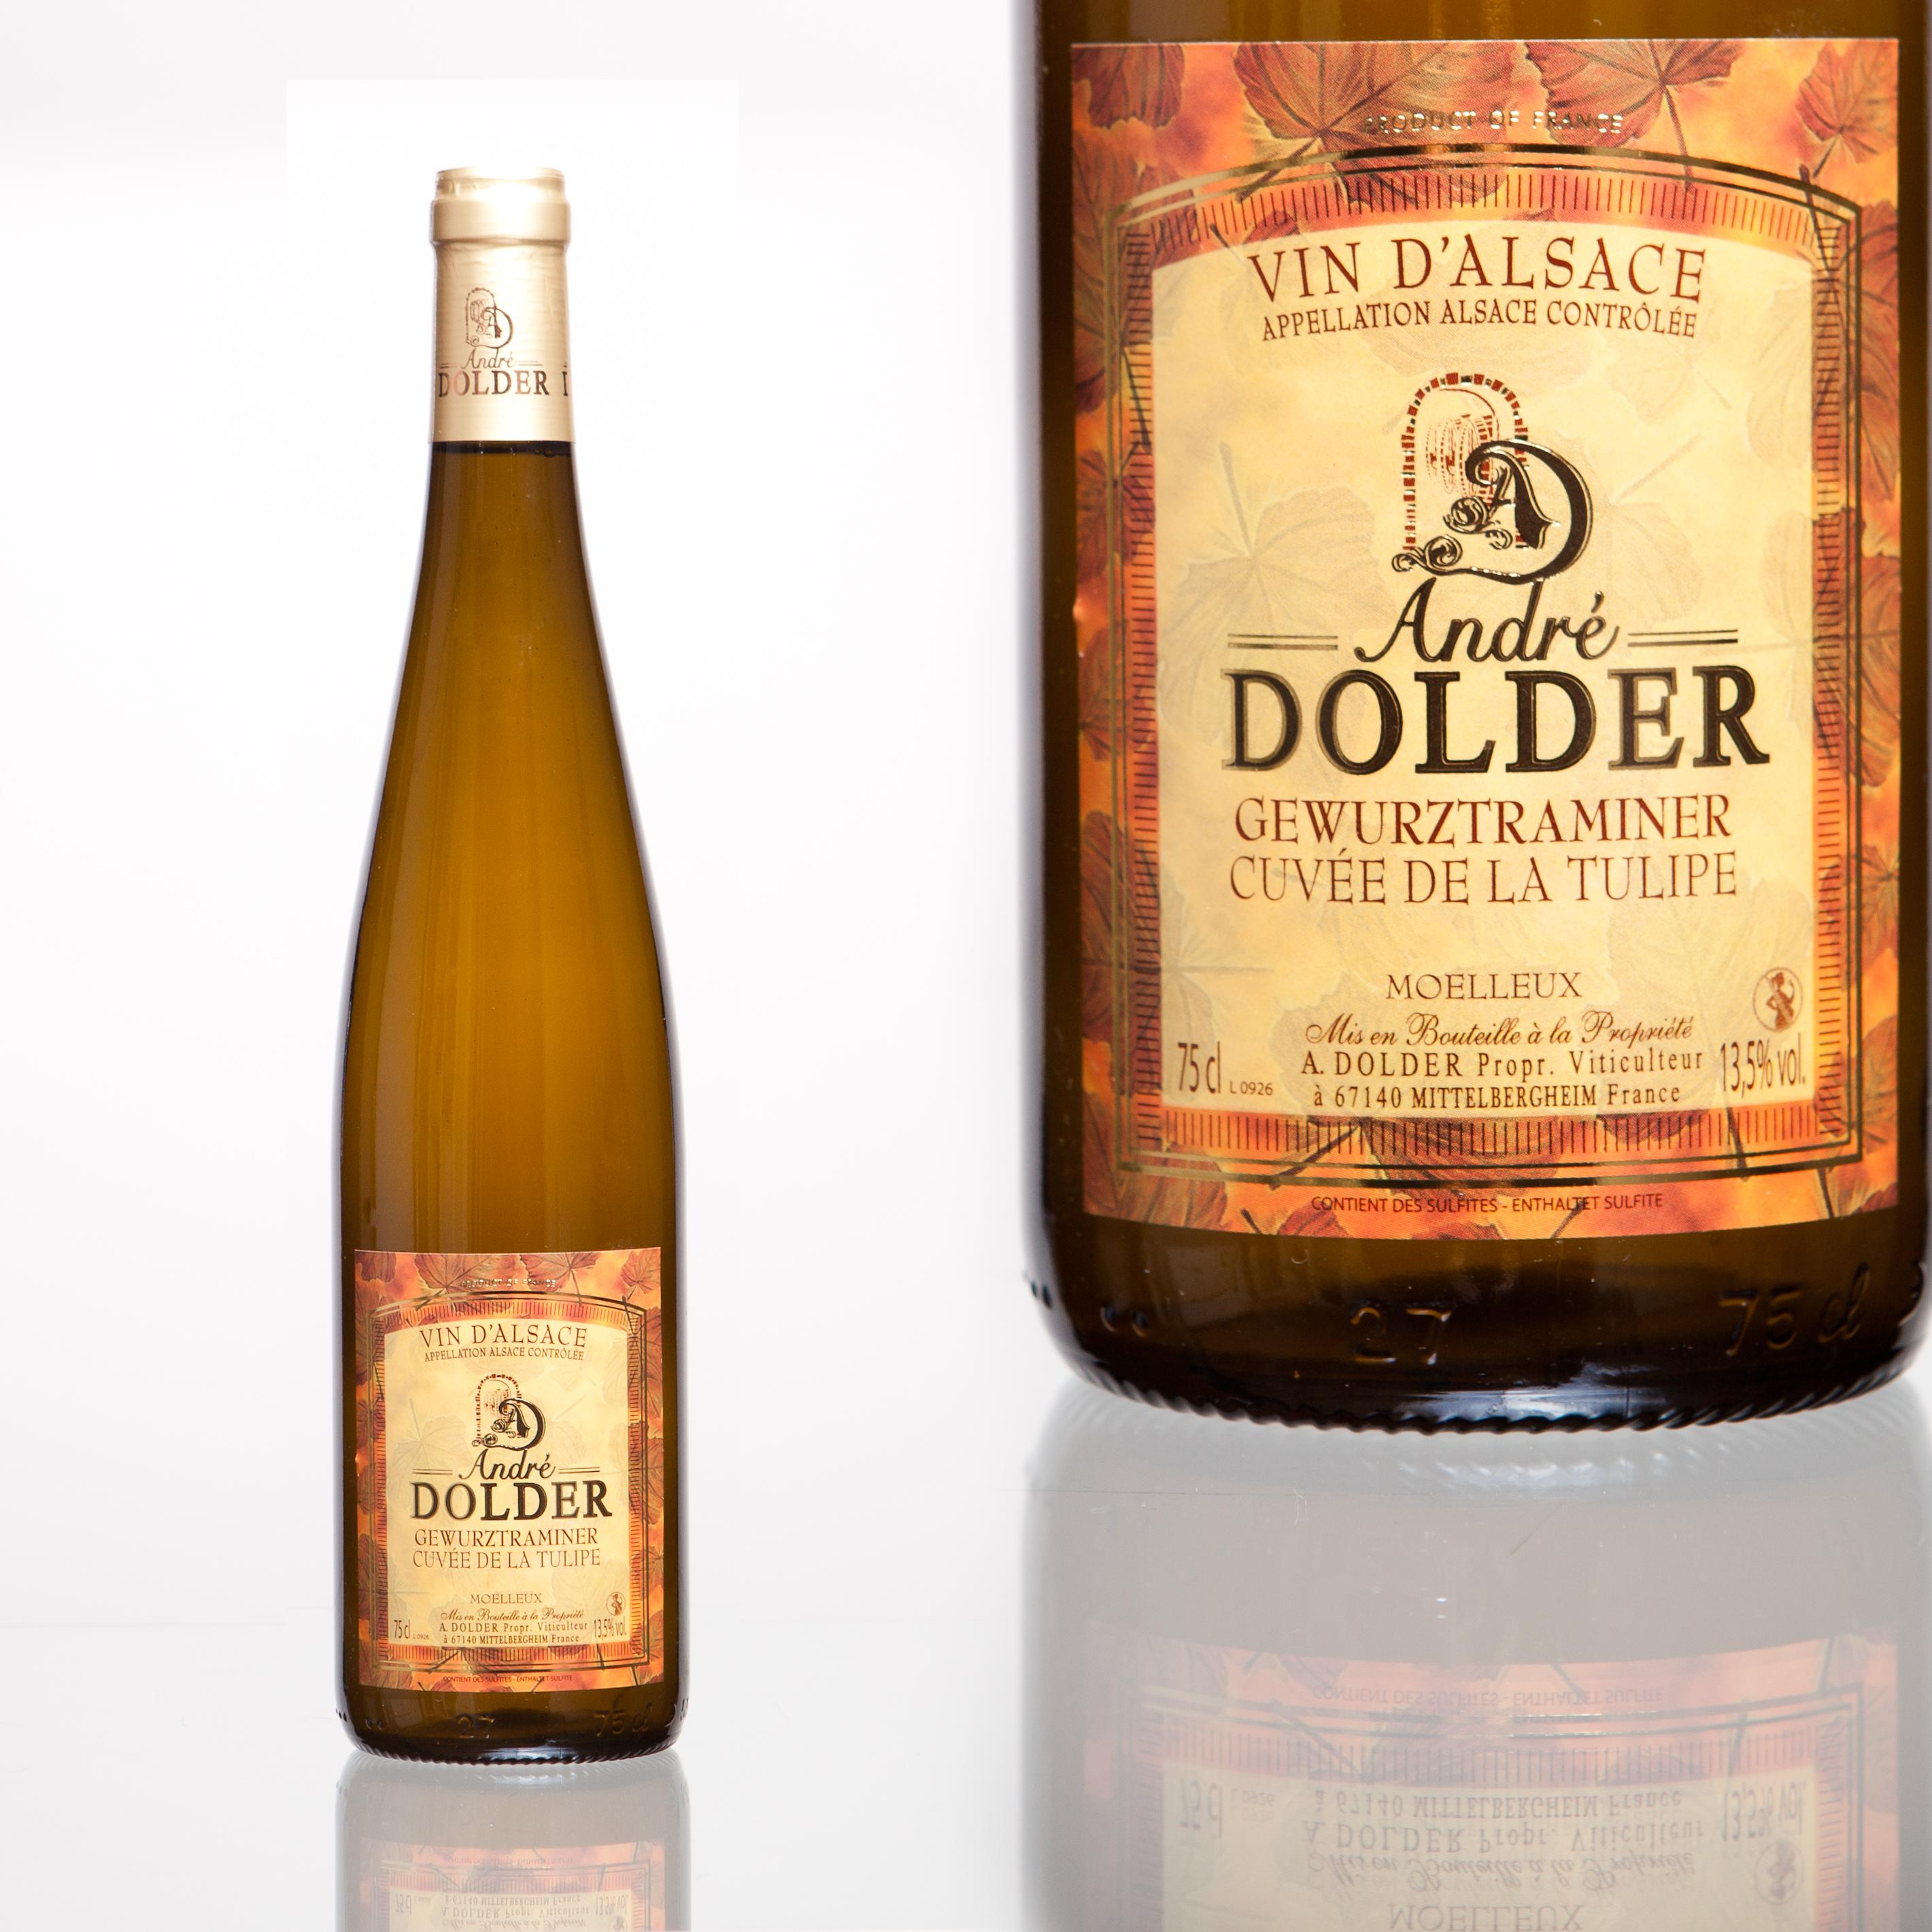 Gewurztraminer Cuvée de la Tulipe Vins et Crémant d'Alsace André Dolder